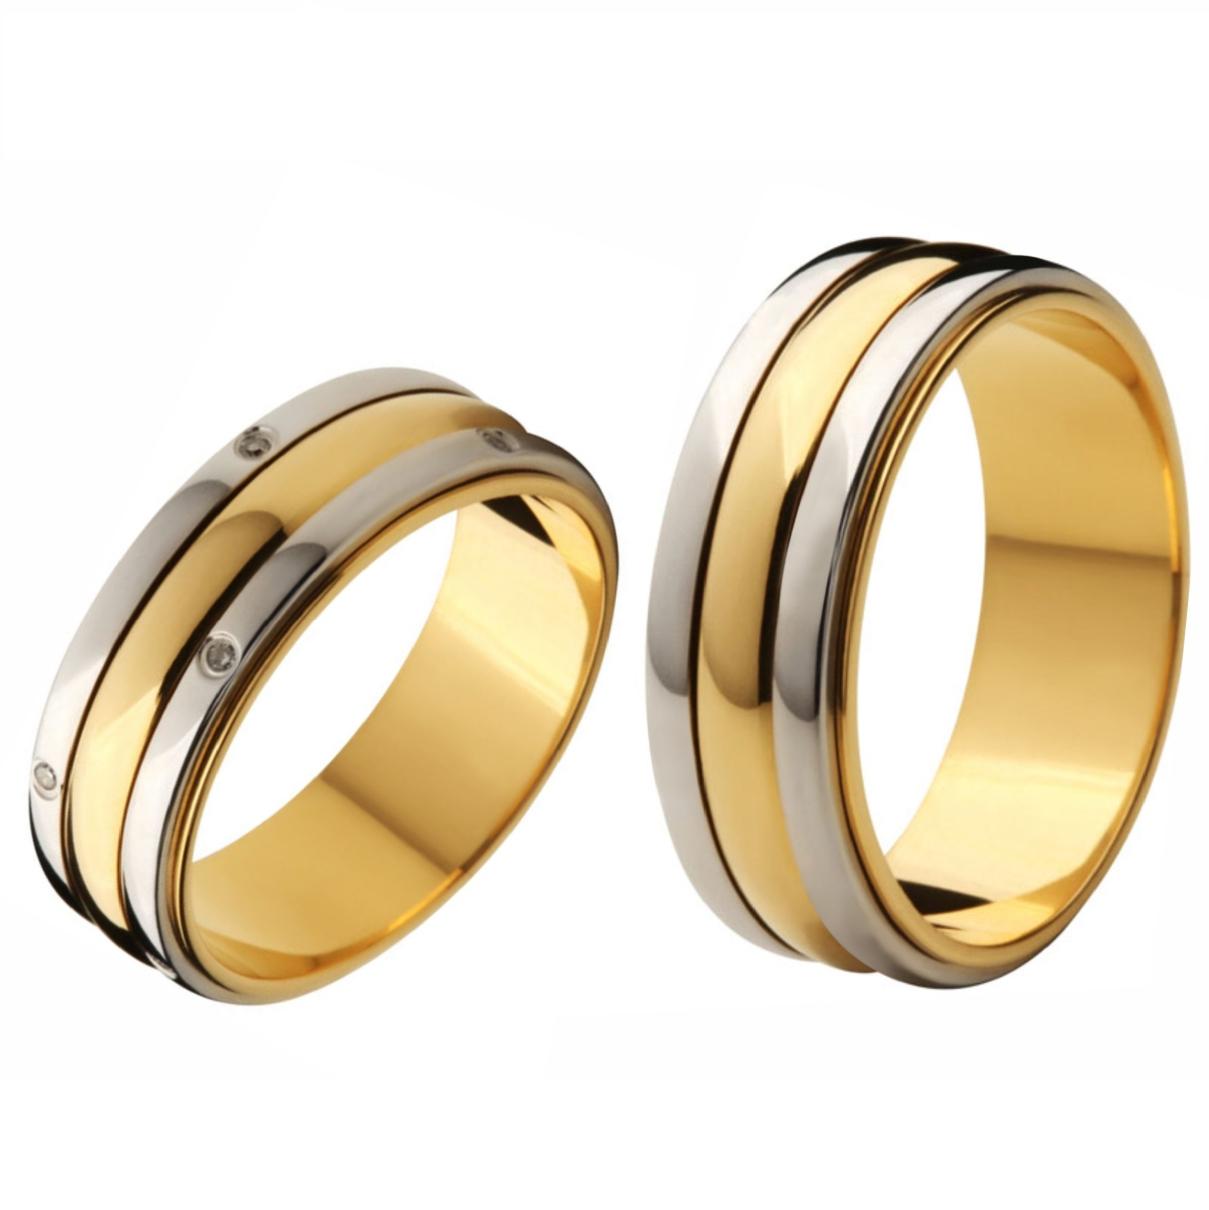 Aliança Bodas de Prata, Ouro 18k / 750 - Reta, Polida, com Duas Faixas de Ouro Branco - O Par